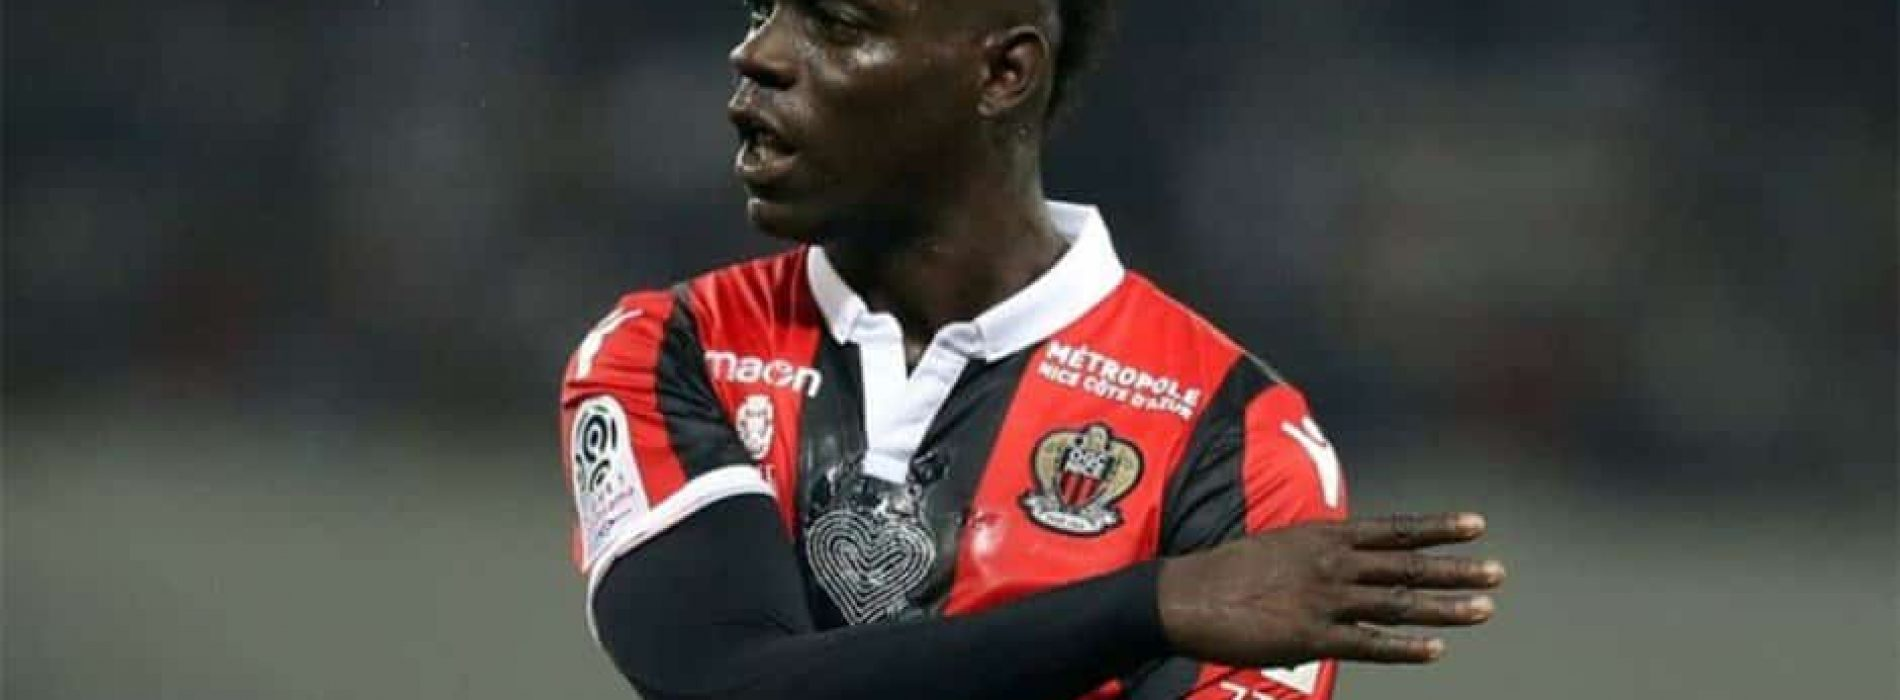 Flamengo Balotelli Brescia: il club brasiliano interrompe la trattativa